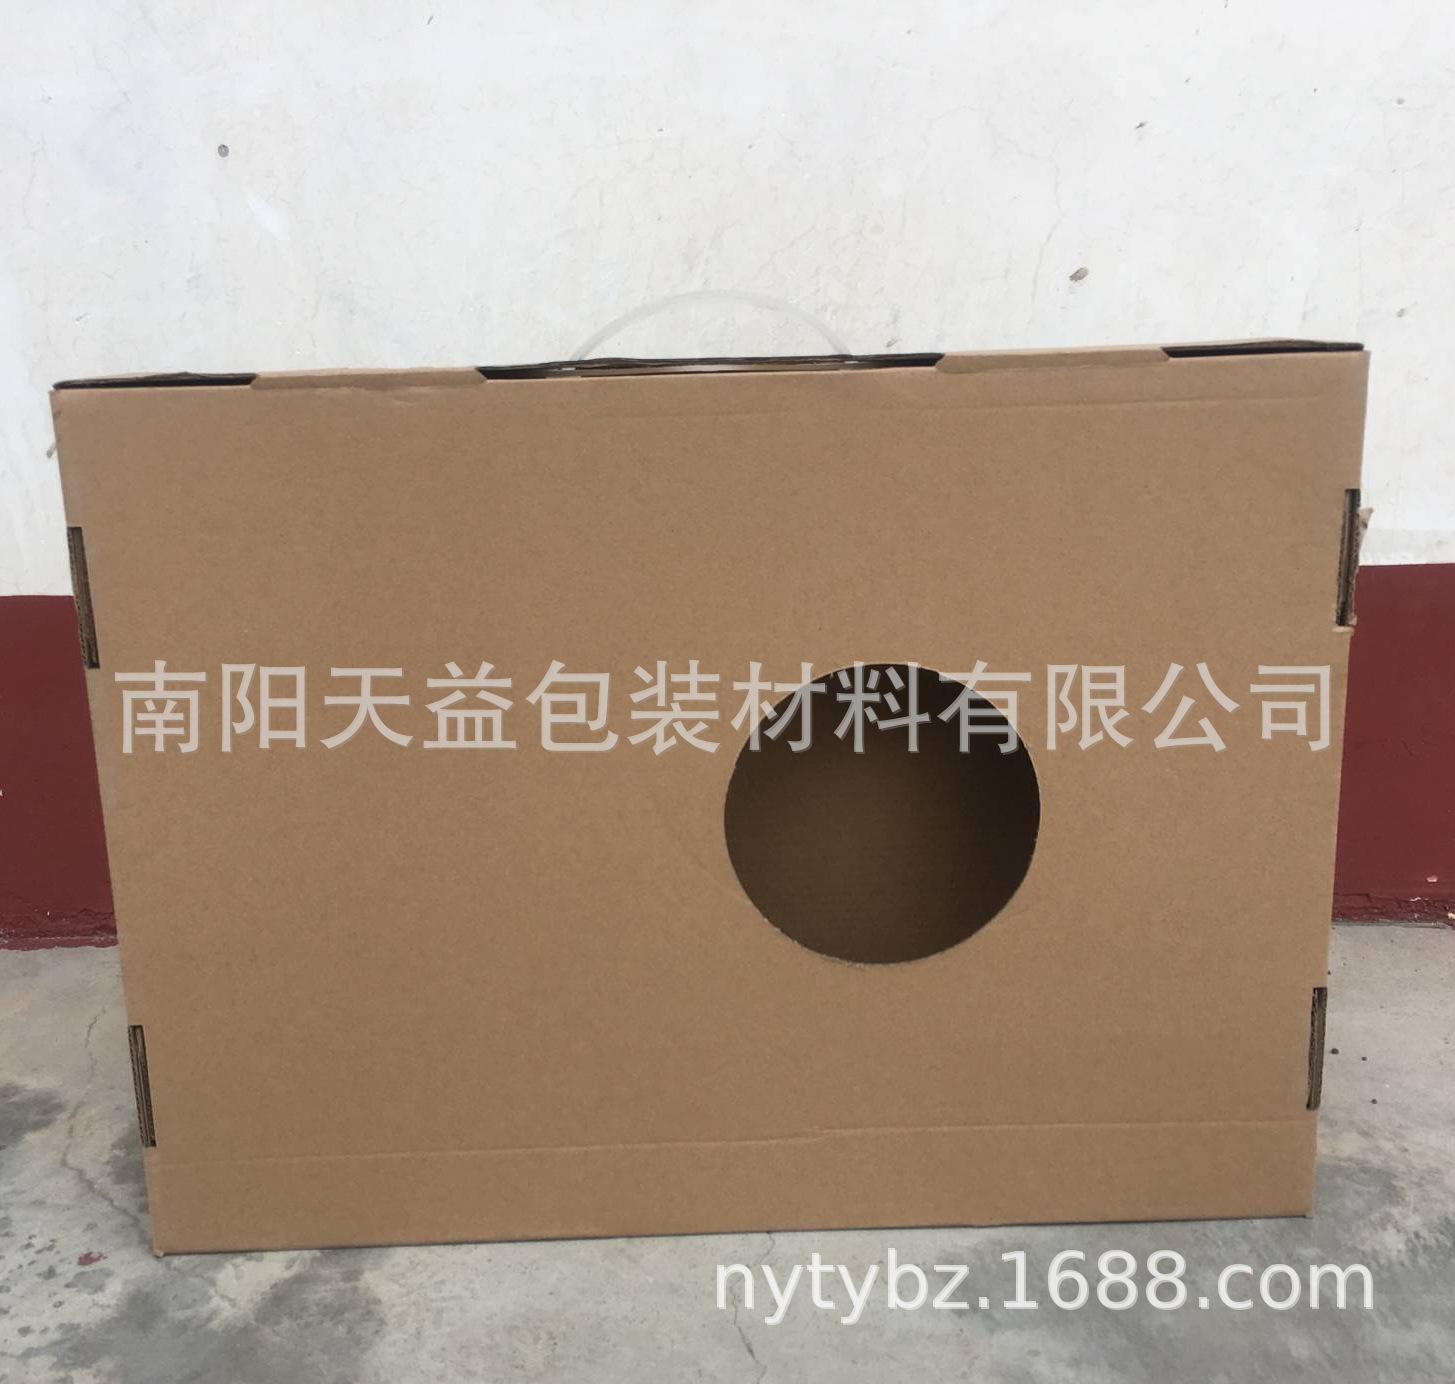 98EB5322F57A008078A1461D7E35A0